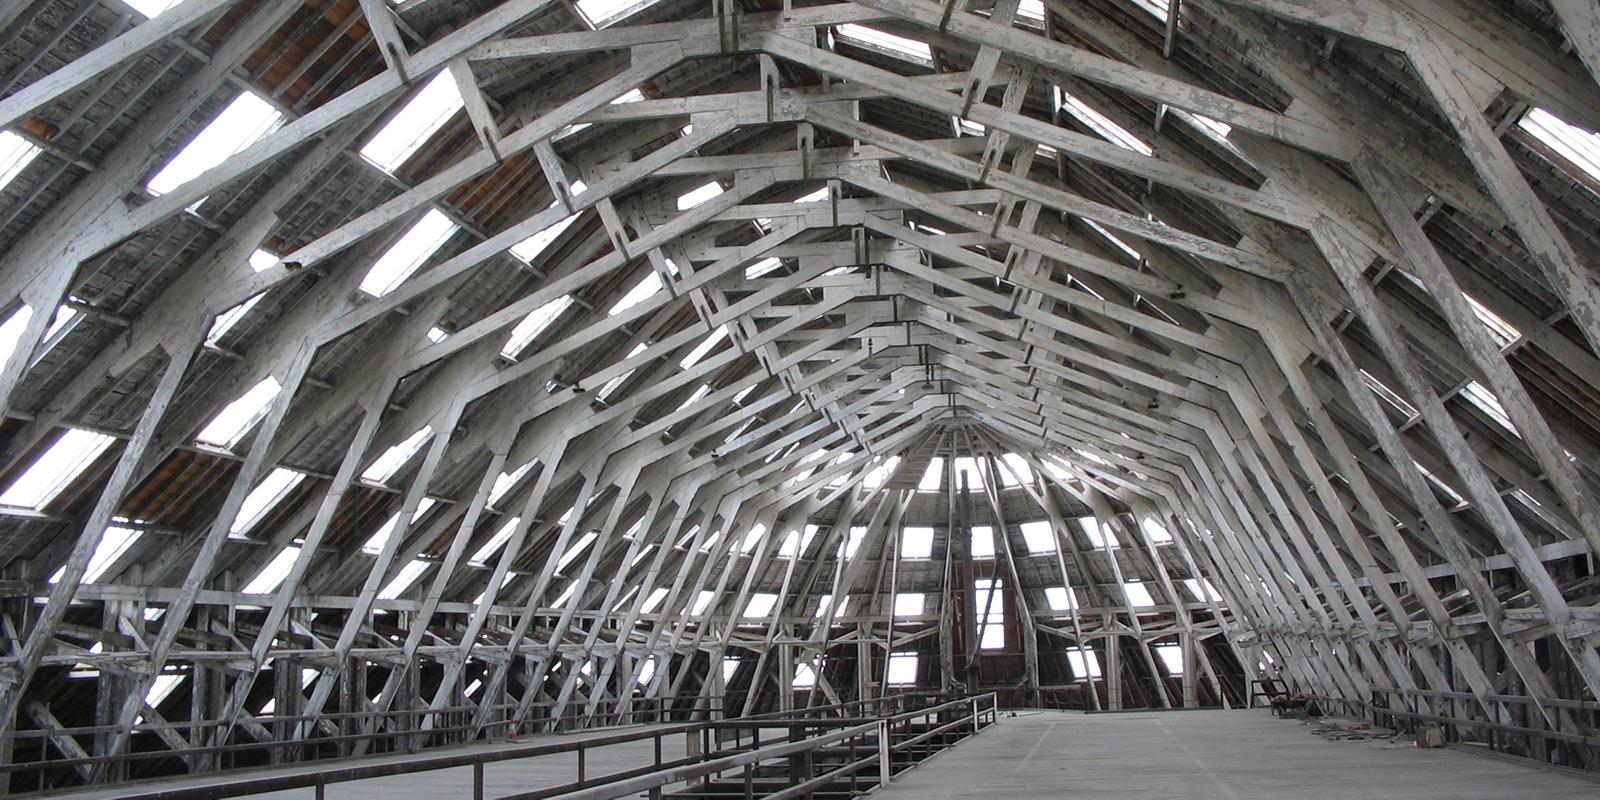 buildingswelike-01-lead-dockyard.jpg